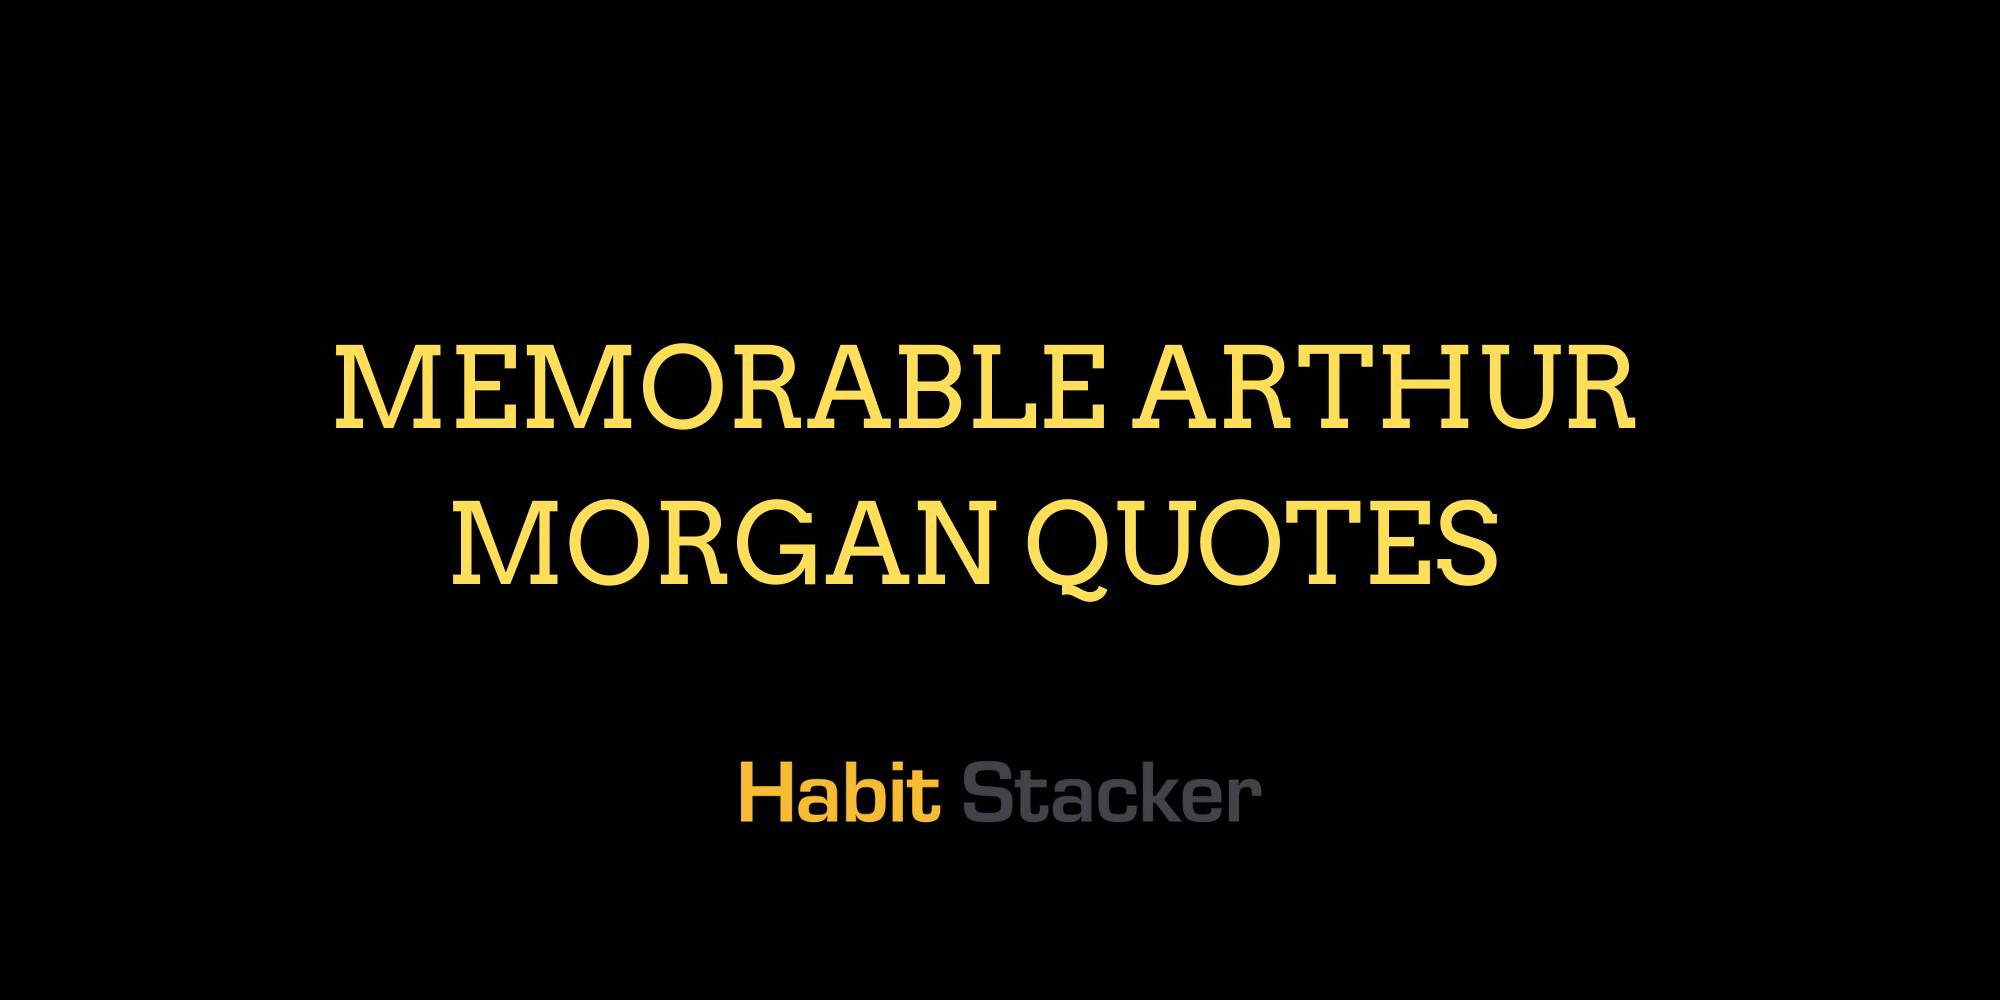 Memorable Arthur Morgan Quotes